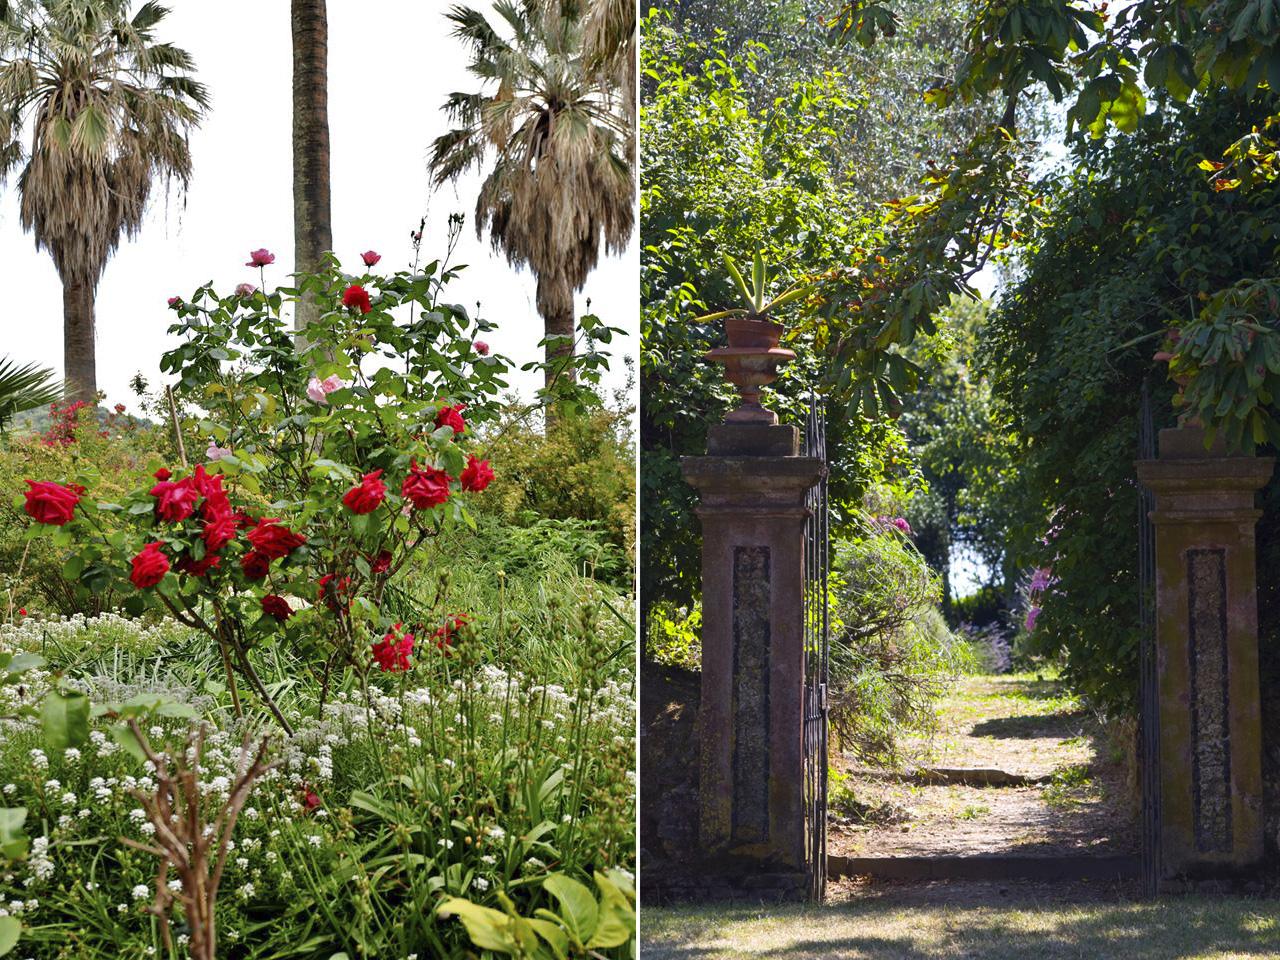 Nei giardini ci sono anche percorsi botanici.